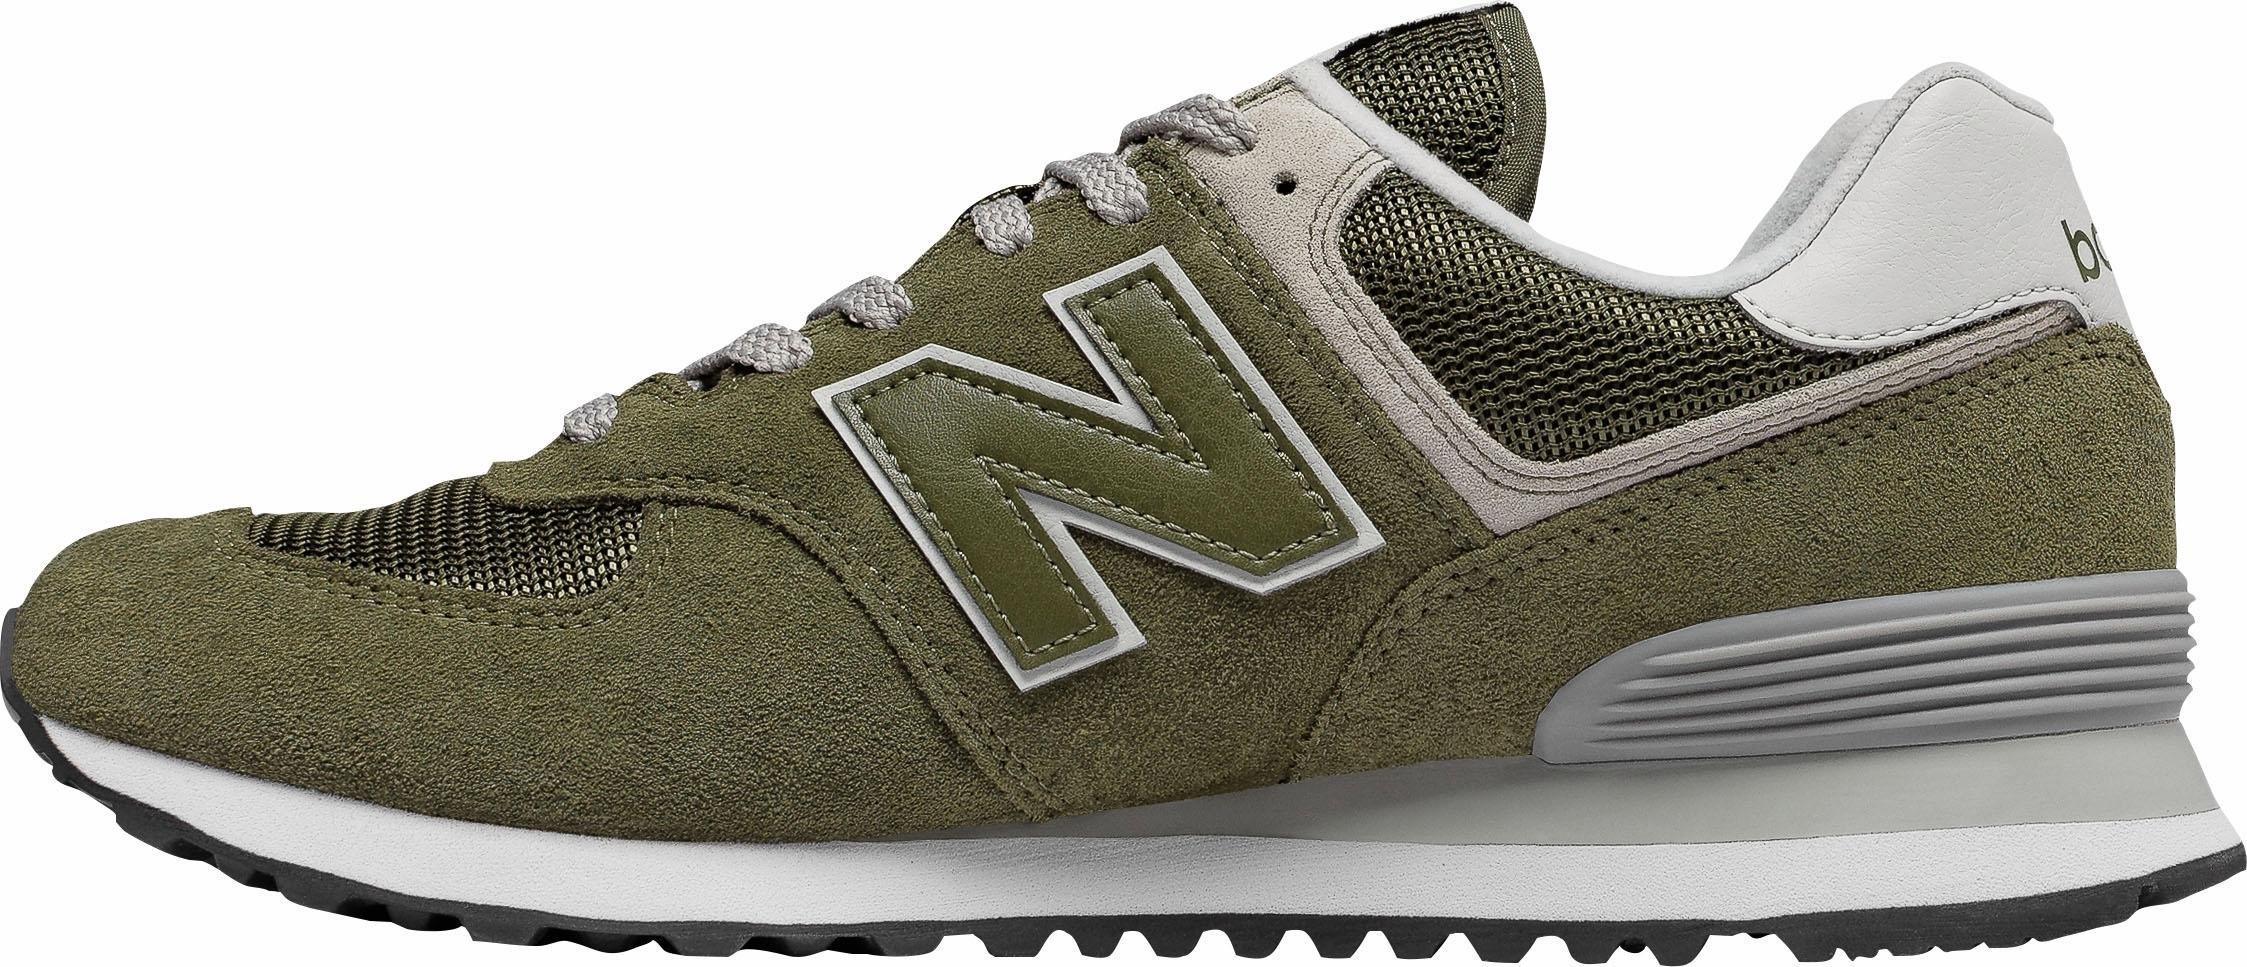 Balance New New Kopen Online Sneakersml574 ukiPZX